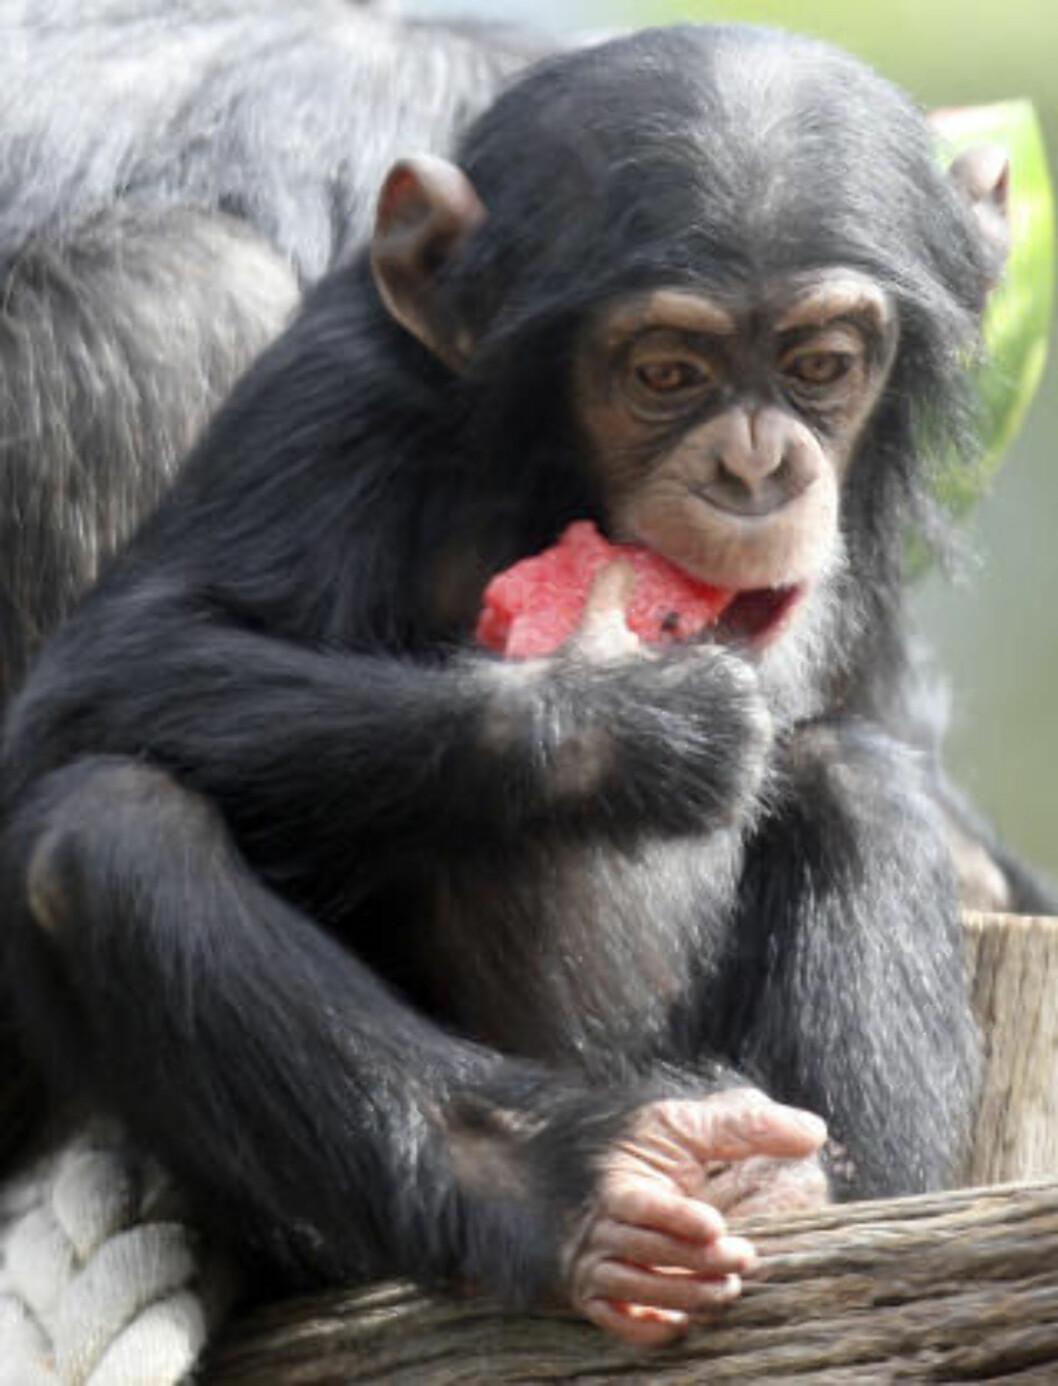 <strong>ANGRIPER:</strong> Det har lenge vært kjent at sjimpanser angriper og driver krig mot naboene, men motivet har vært uavklart. Foto: AP Photo/Rob Griffith/SCANPIX